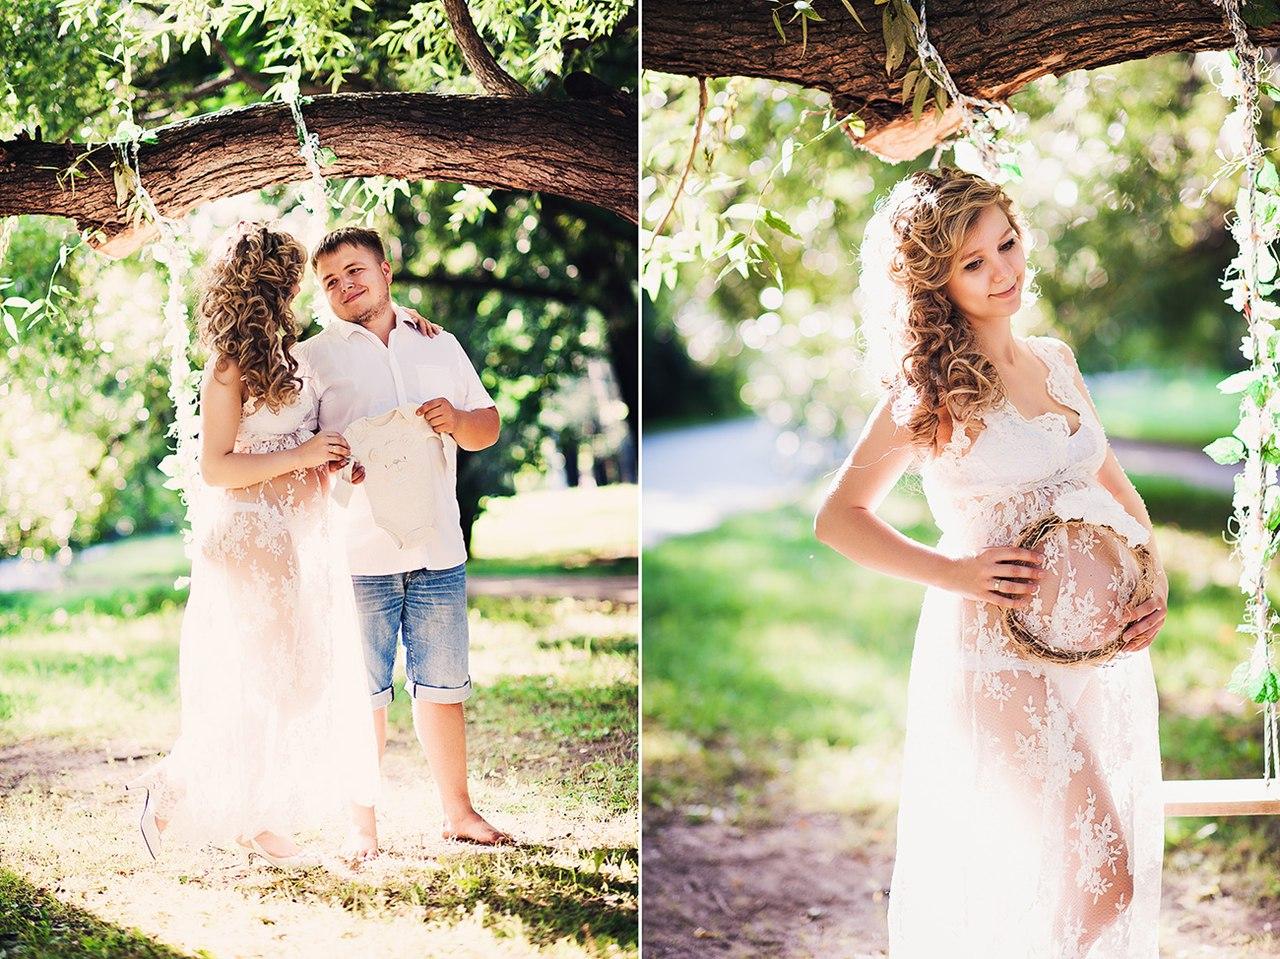 Фотосессия беременной с мужем